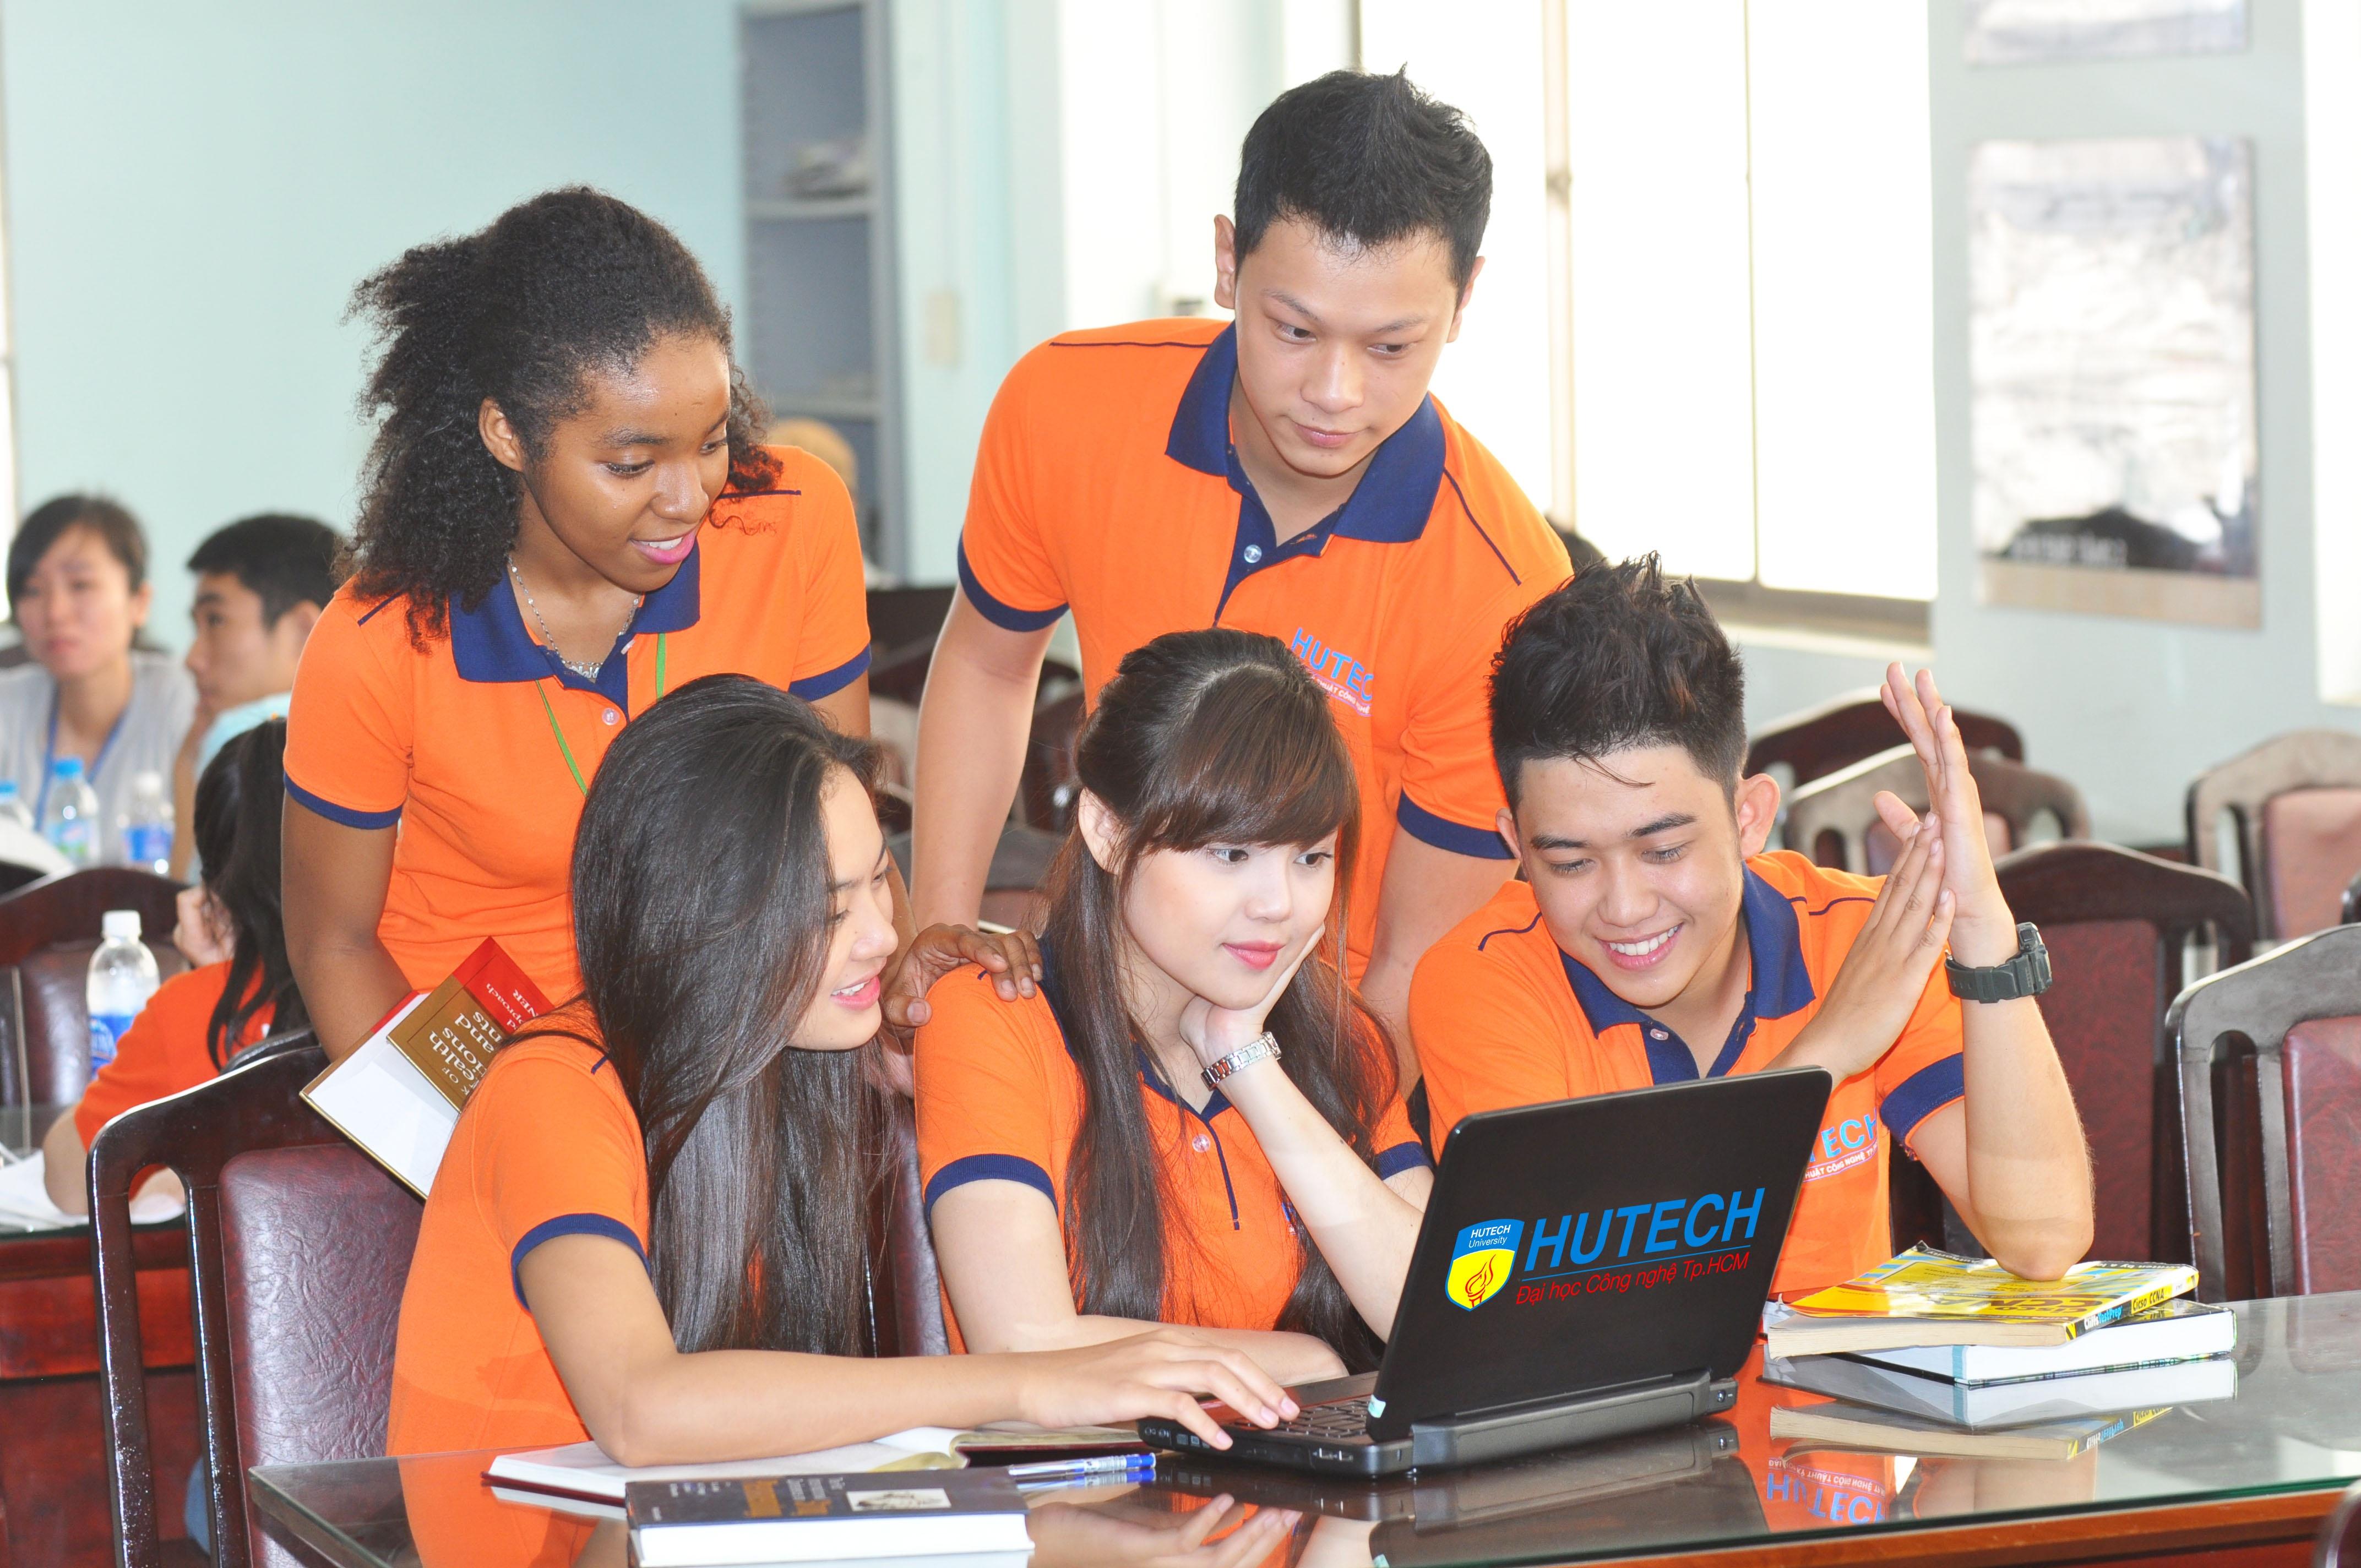 Sinh viên HUTECH được đánh giá cao về năng lực làm việc ngay sau khi tốt nghiệp.